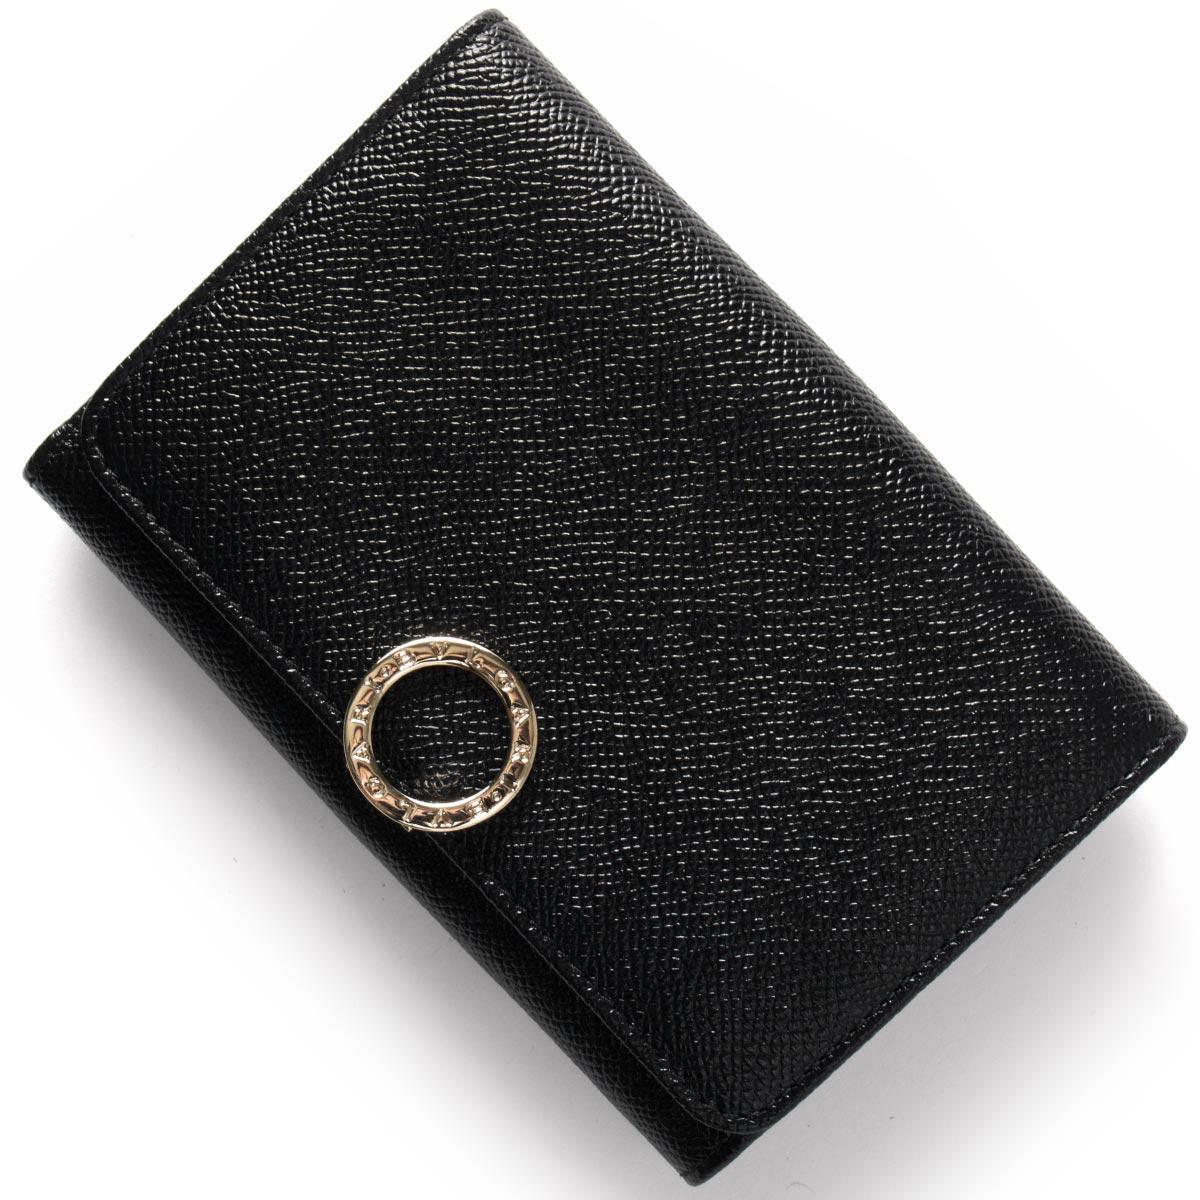 【1,000円OFFクーポン対象】ブルガリ 二つ折り財布 財布 レディース ブルガリブルガリ BB ブラック 280555 BVLGARI